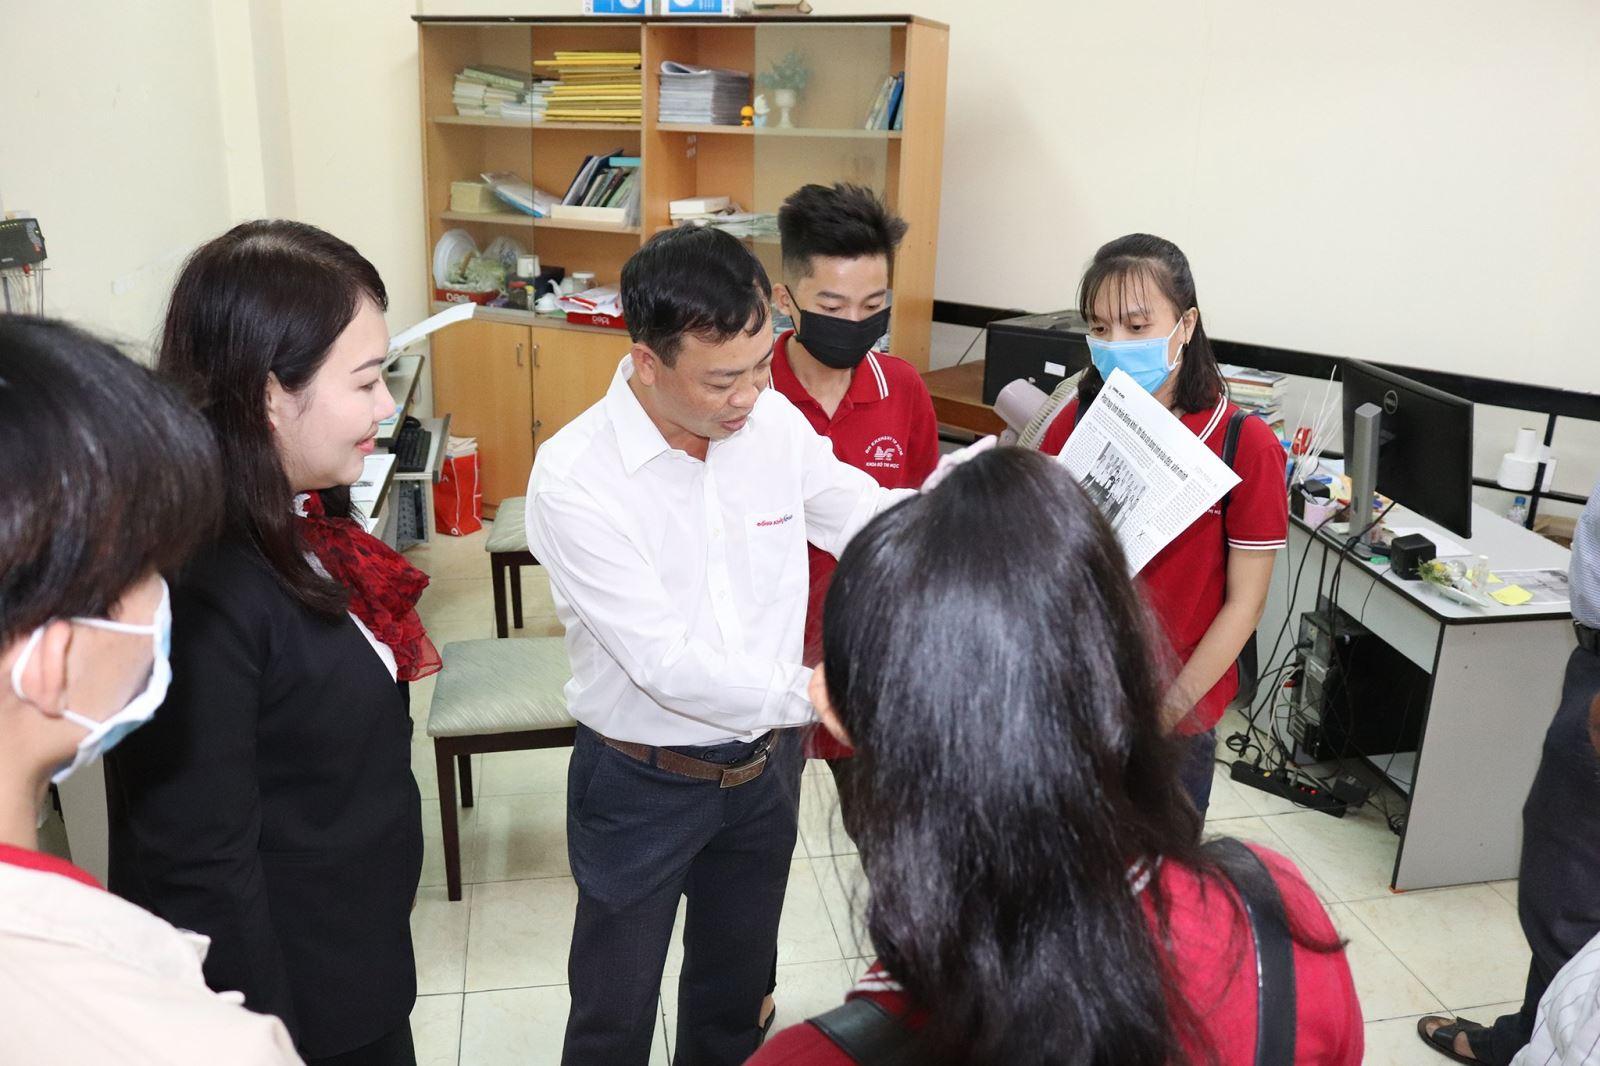 Sinh viên ngành Đô thị học tại Phân hiệu ĐHQG-HCM  tìm hiểu thực tế tại Tòa soạn báo Đồng Khởi